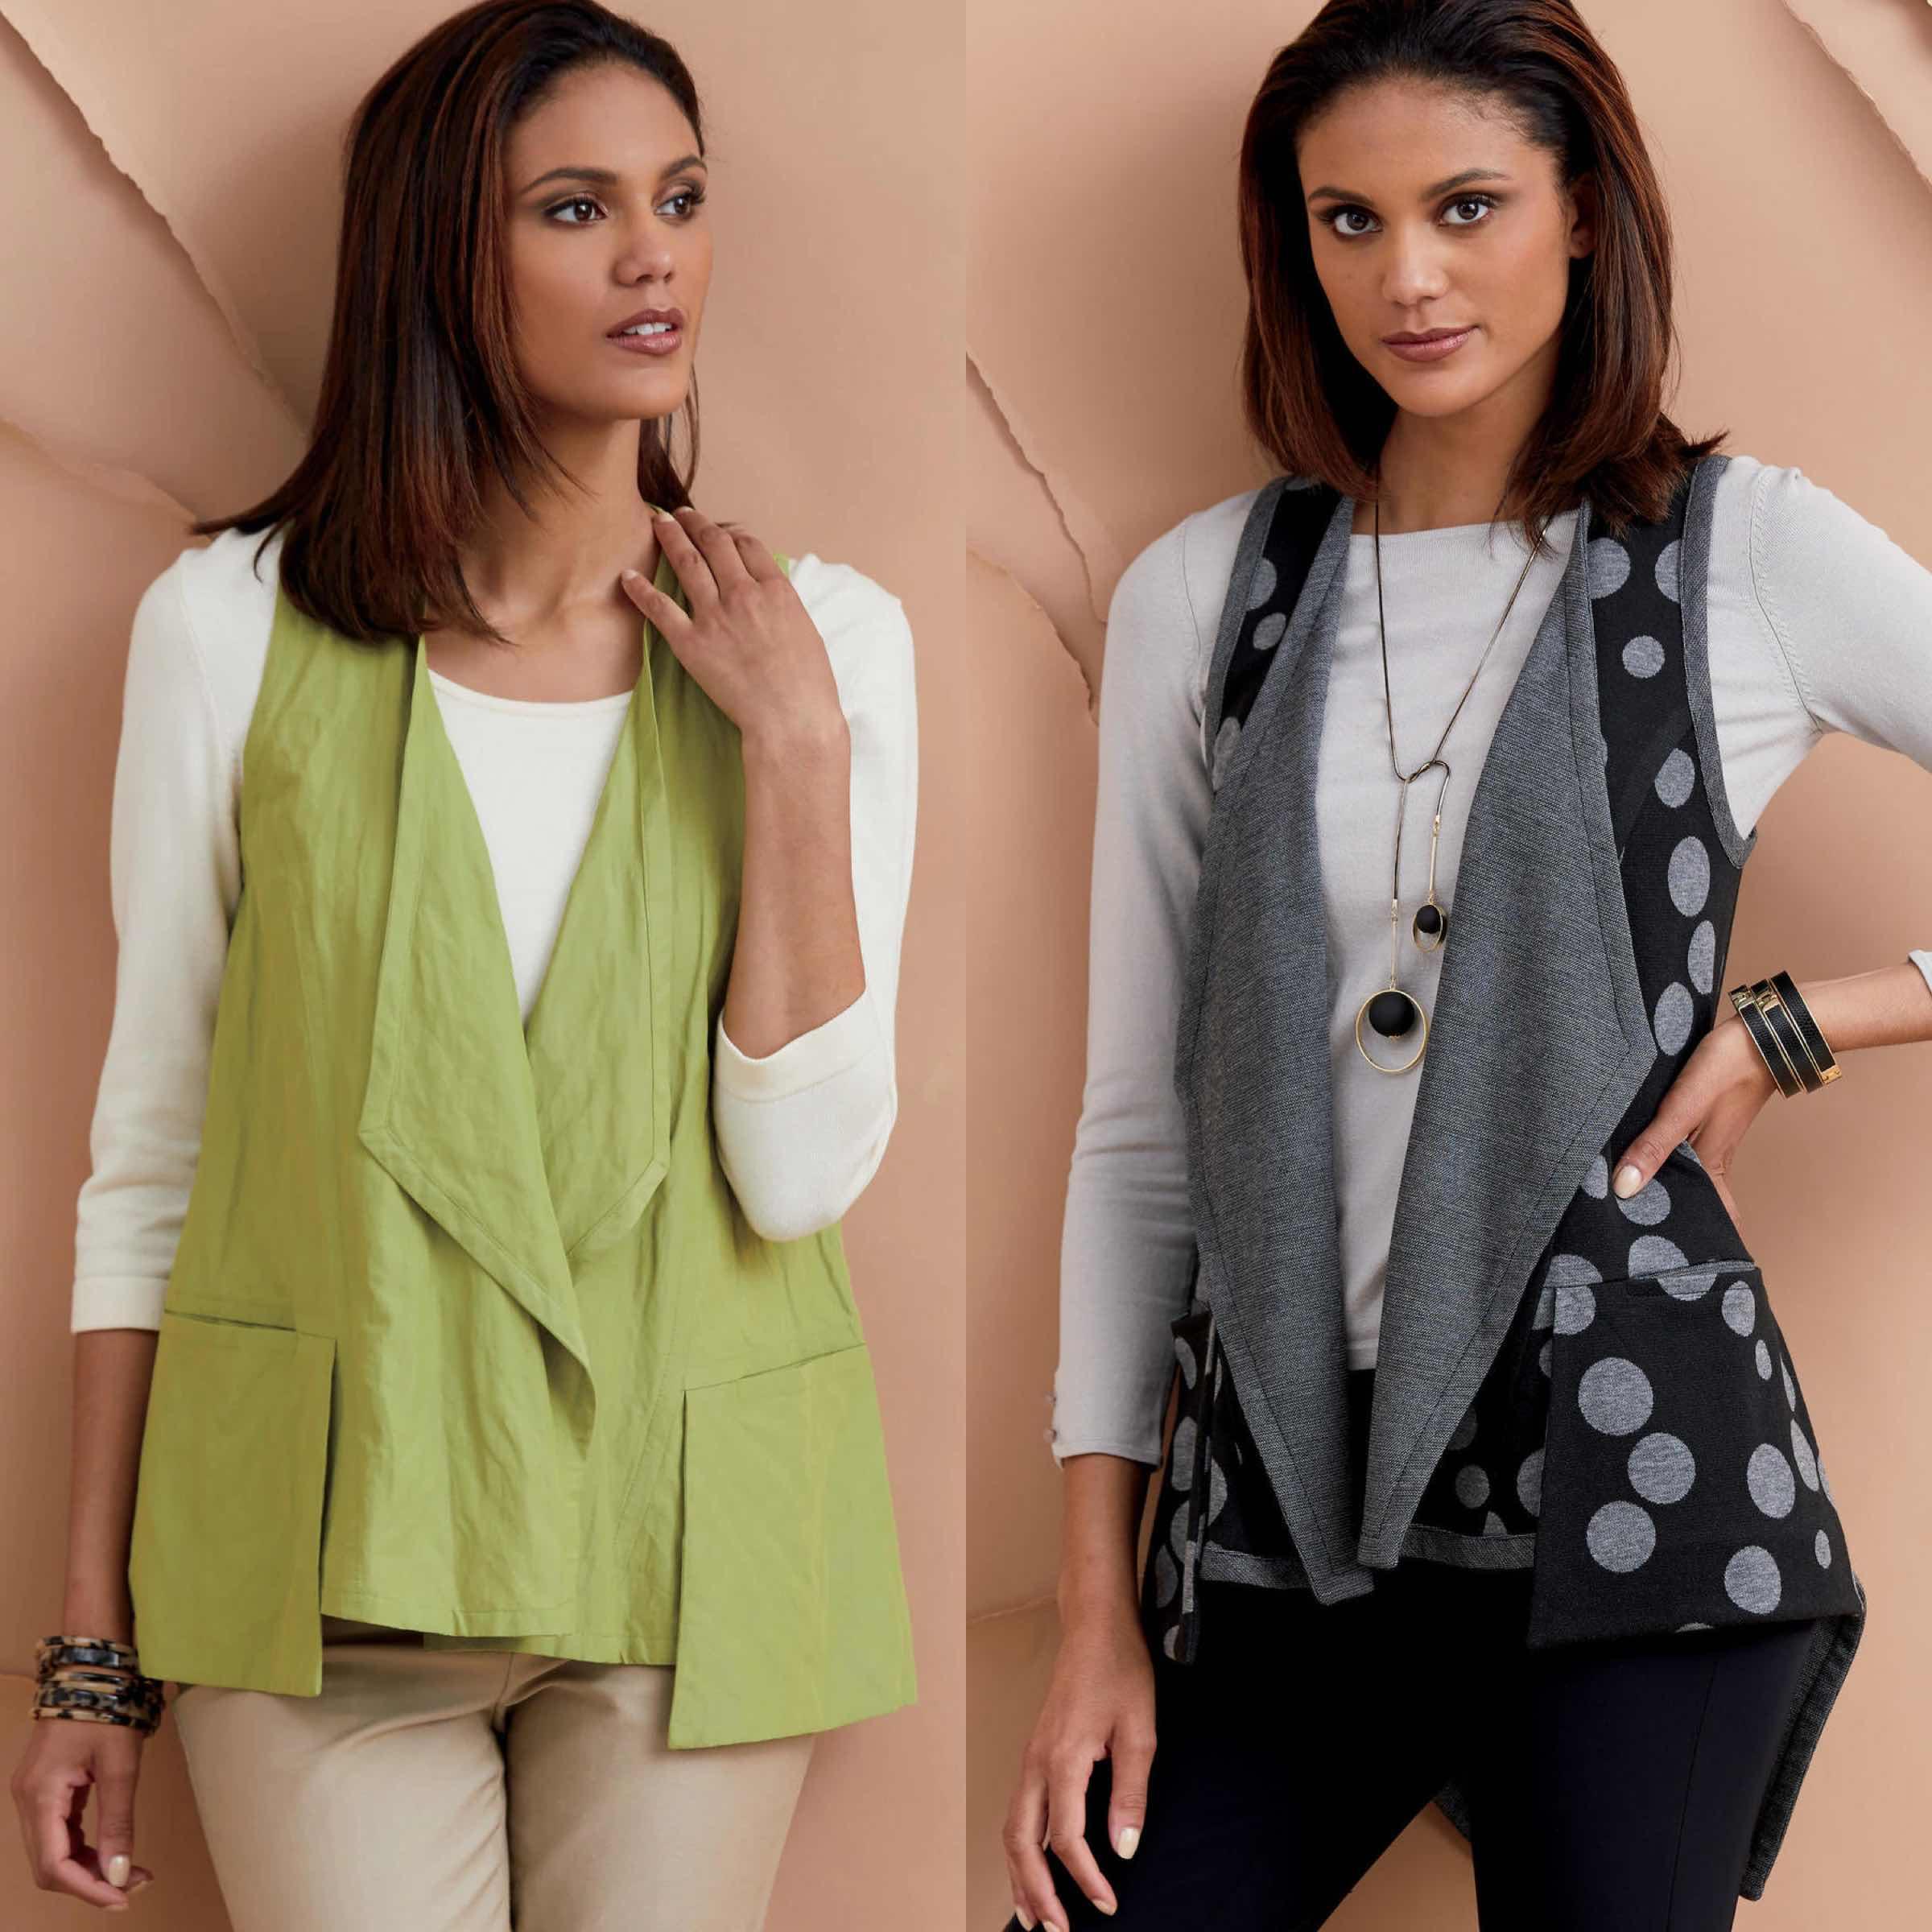 Vogue Patterns fashion designer Marcy Tilton offers sewing tips on how to make her Pocket Vest design pattern V9322.